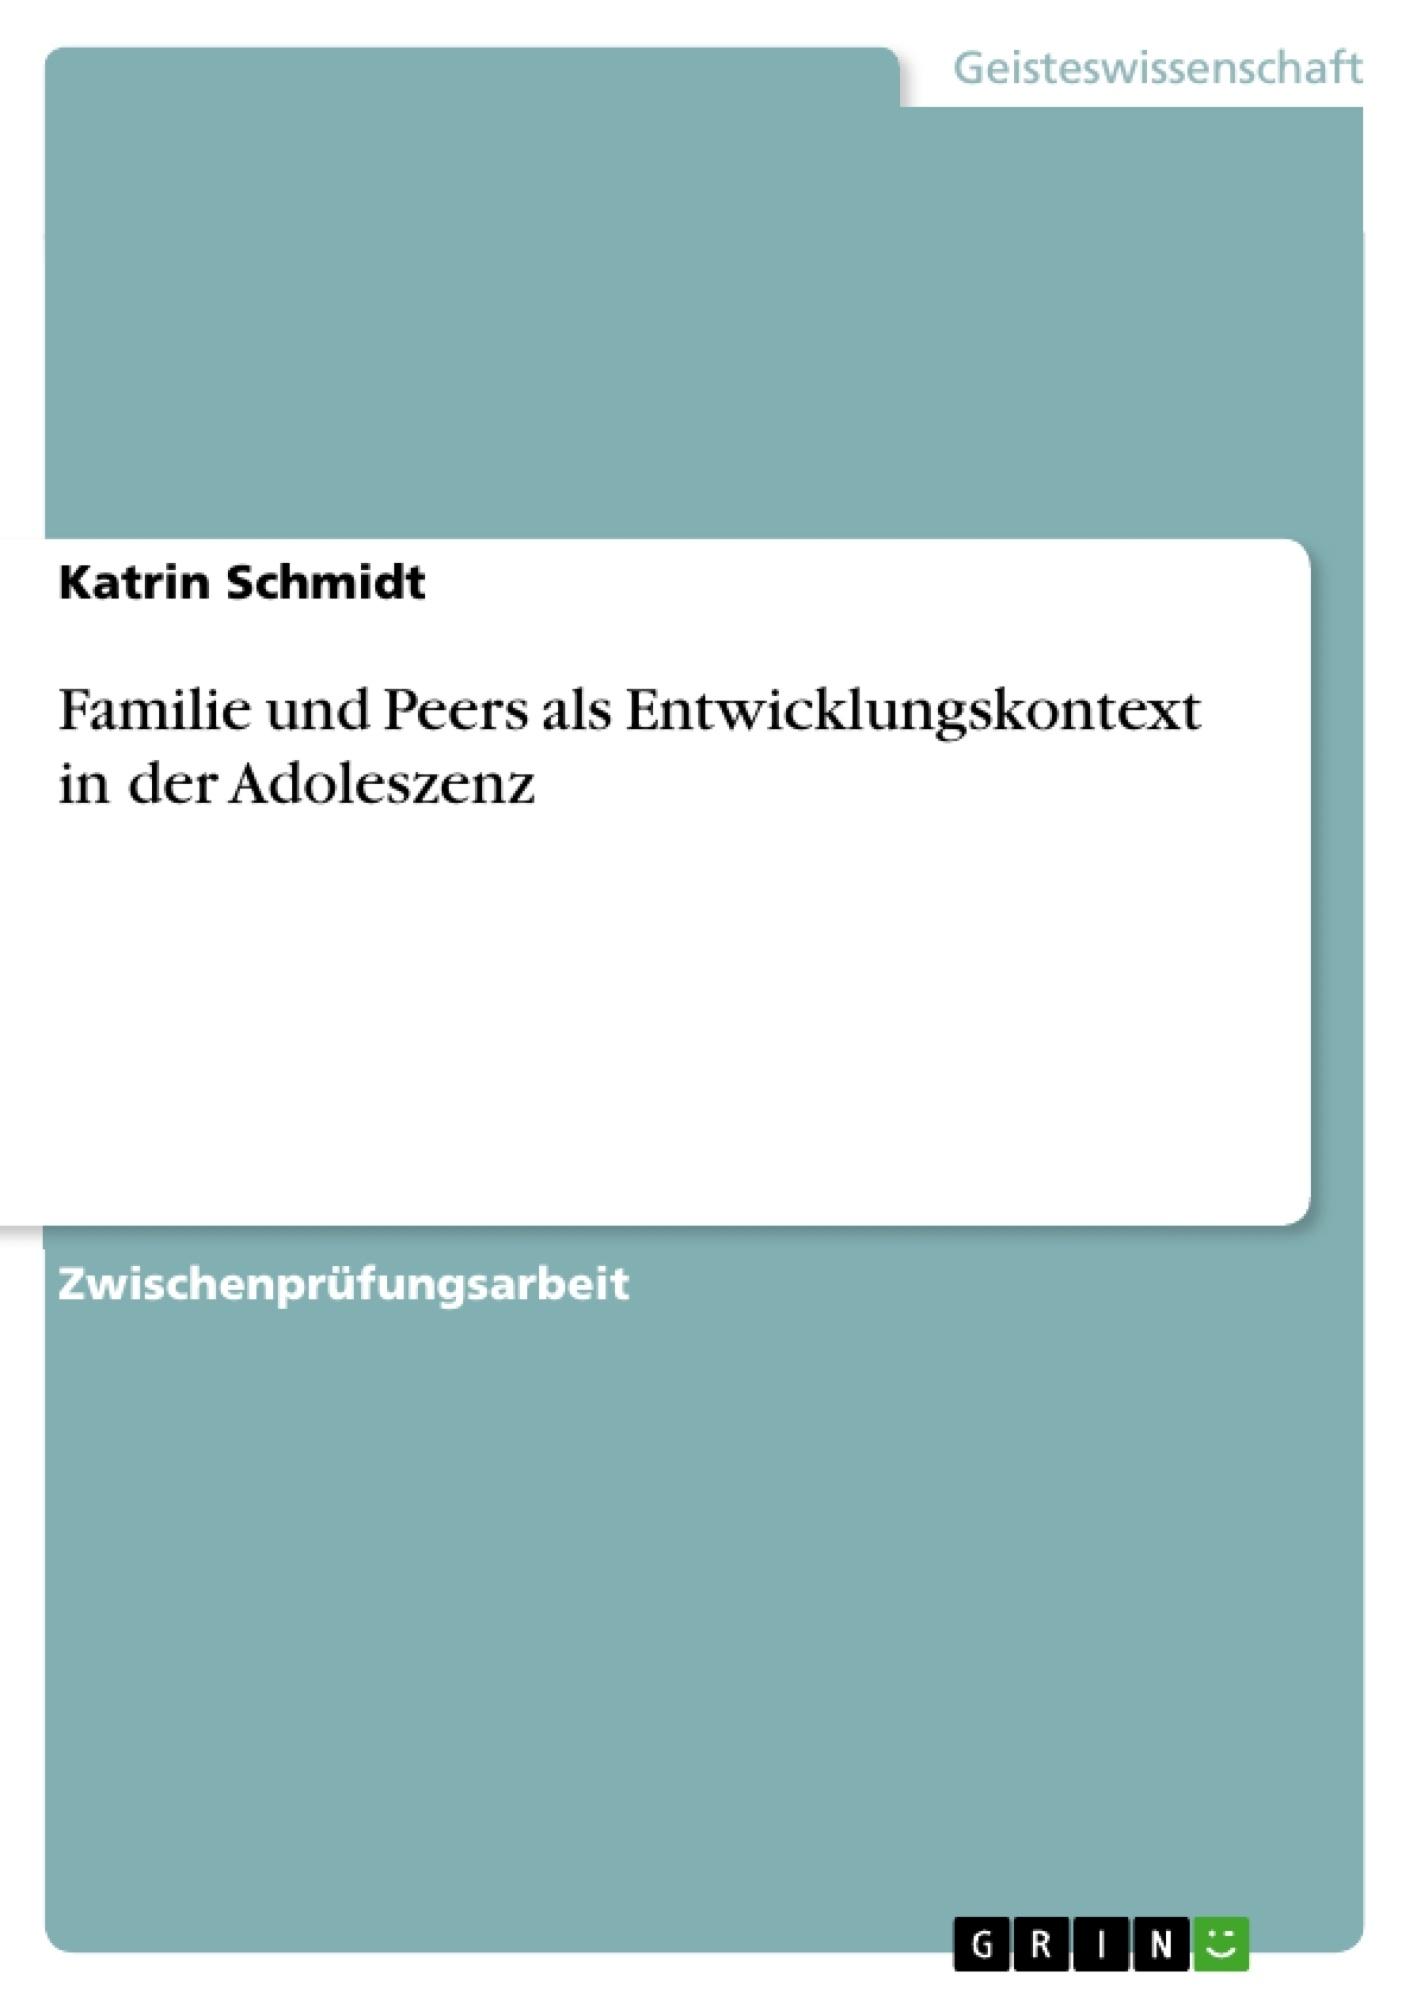 Titel: Familie und Peers als Entwicklungskontext in der Adoleszenz